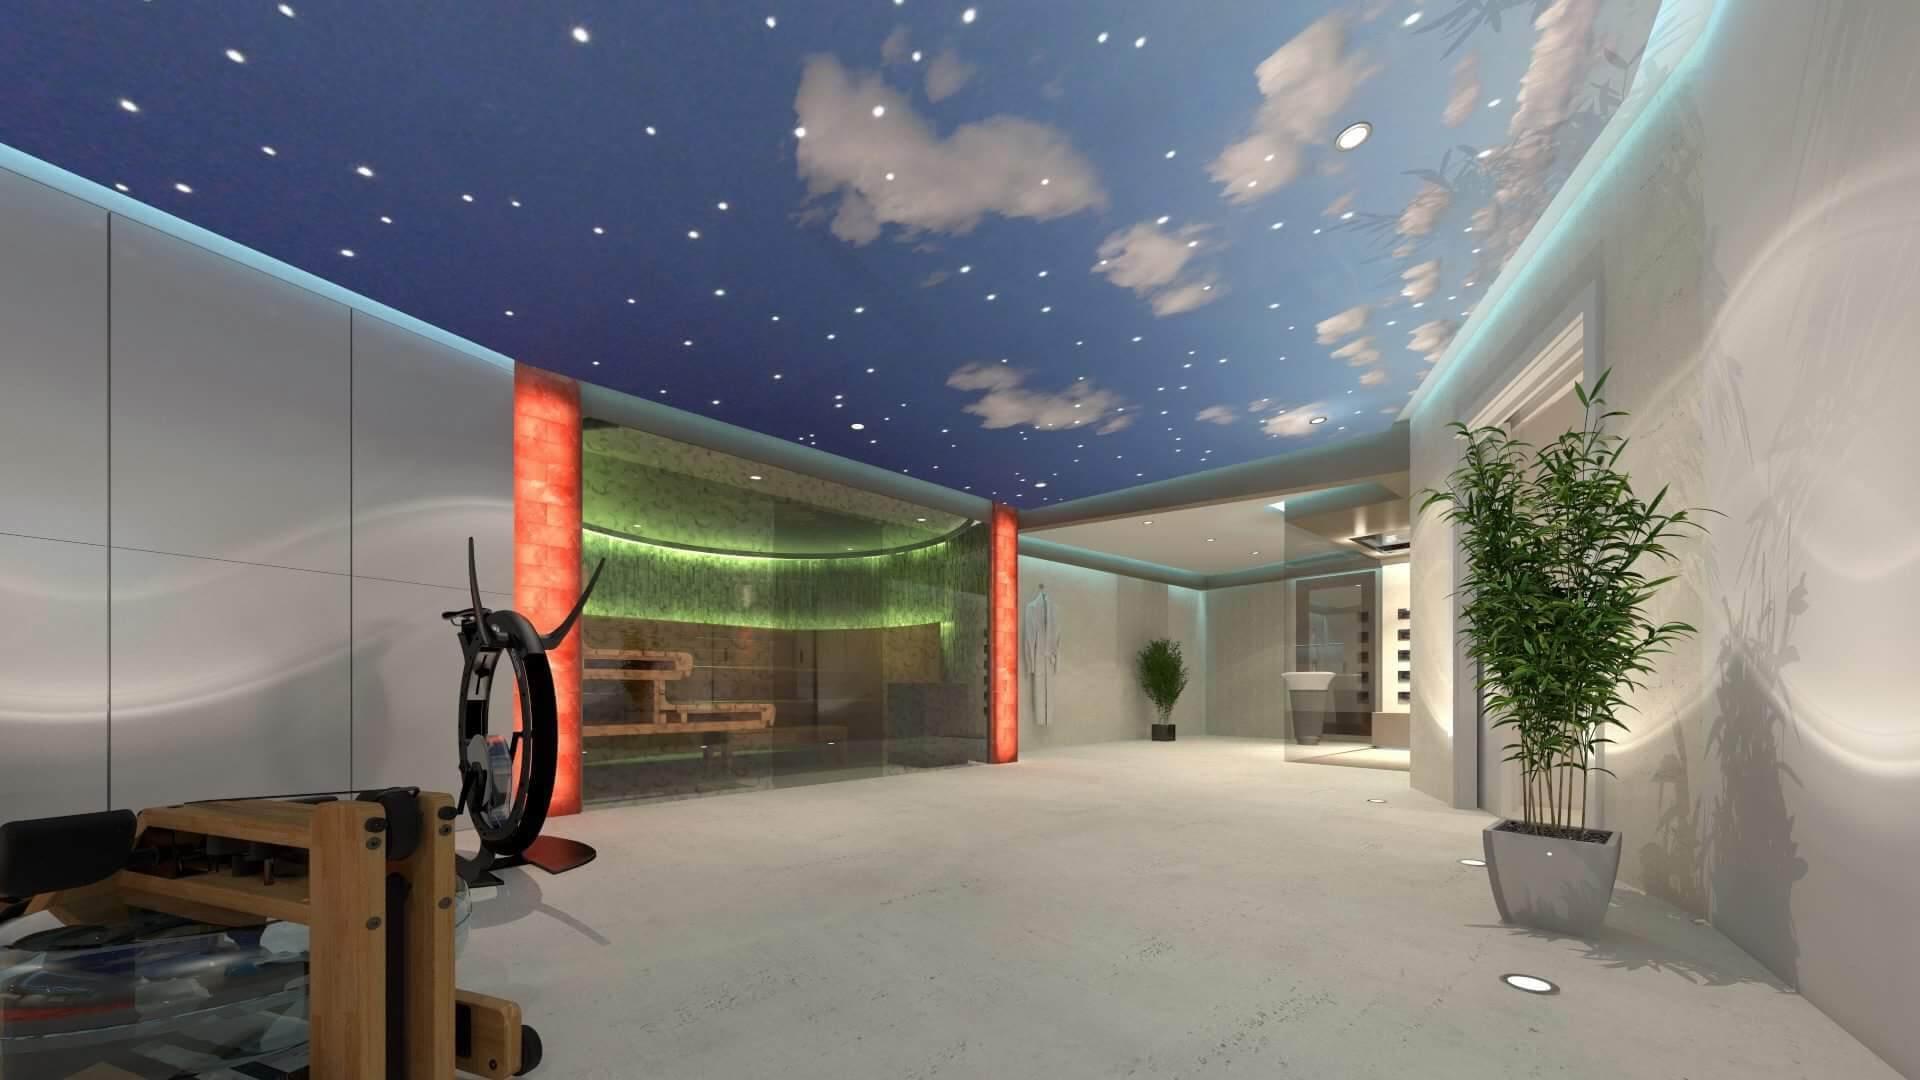 Von Der CYCLOTTE Direkt In Die Sauna U2013 Das Moderne SPA Design U0026 Architektur  Konzept Begeistert Mit Durchdachten Funktionen Und Viel Platz Für  Kreativität